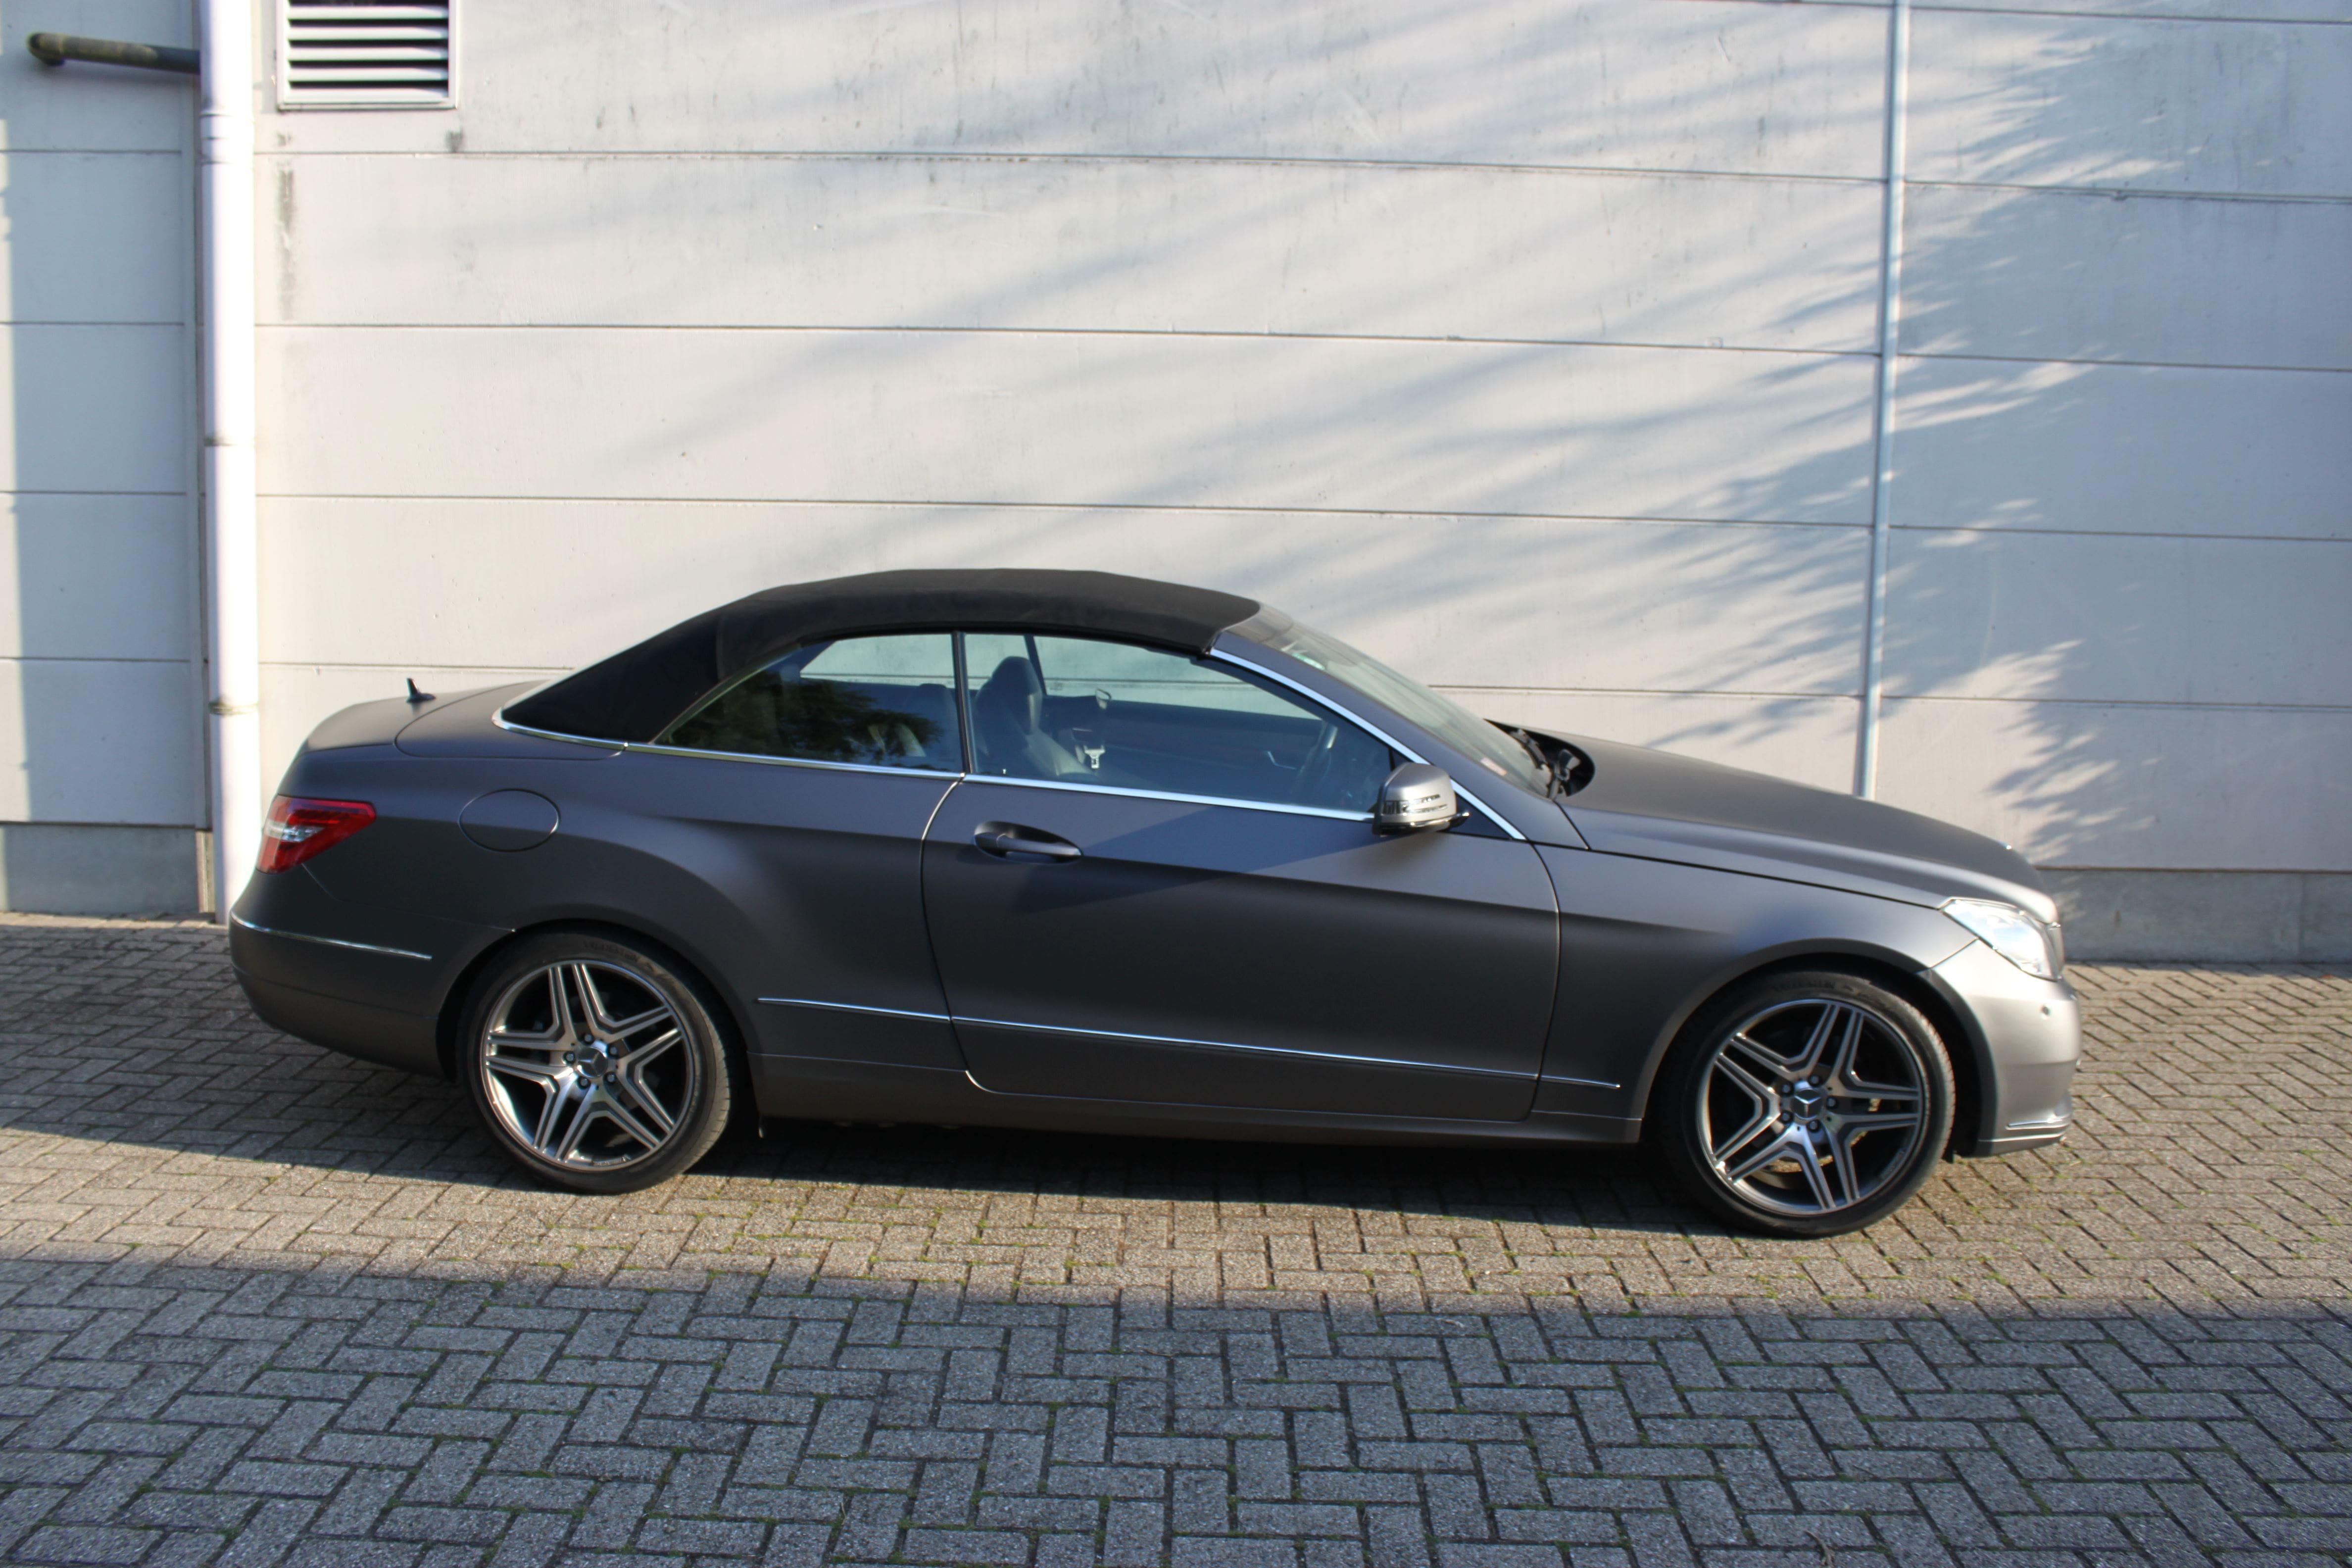 Mercedes E-Klasse Cabrio met Gunpowder Wrap, Carwrapping door Wrapmyride.nu Foto-nr:6272, ©2020